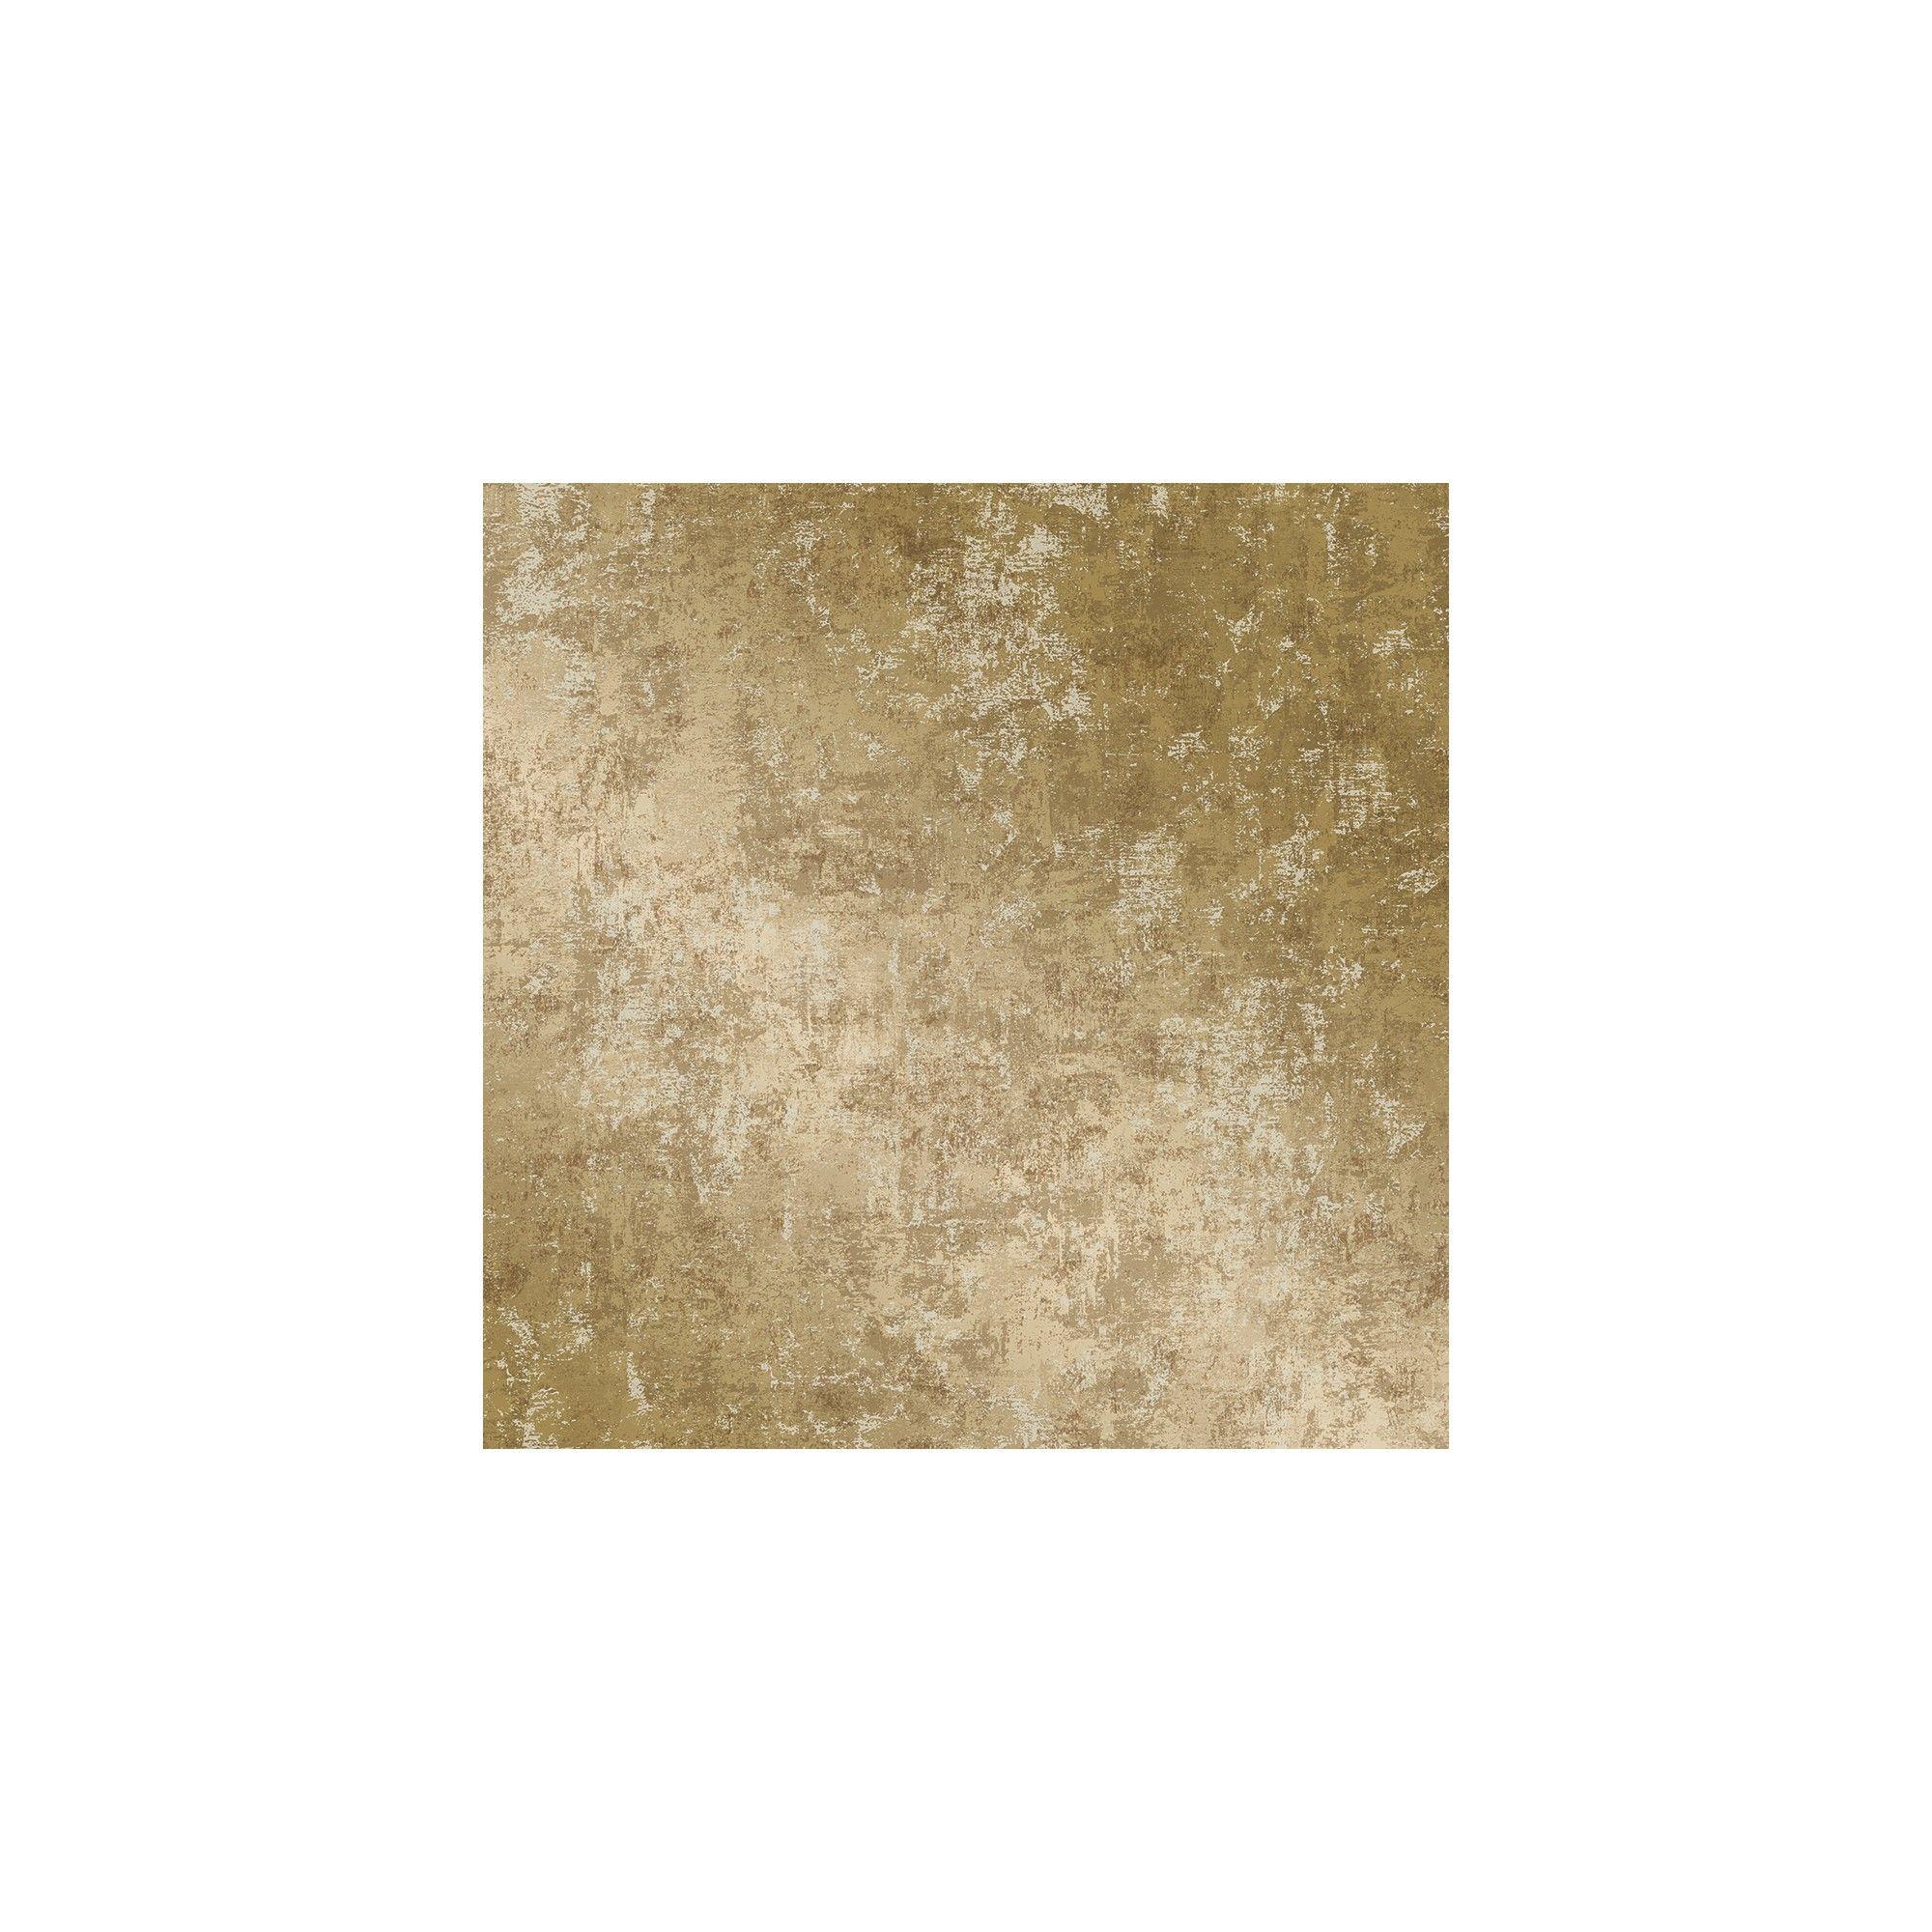 Tempaper Distressed Leaf Self Adhesive Removable Wallpaper Gold Removable Wallpaper Matte Paint Wallpaper